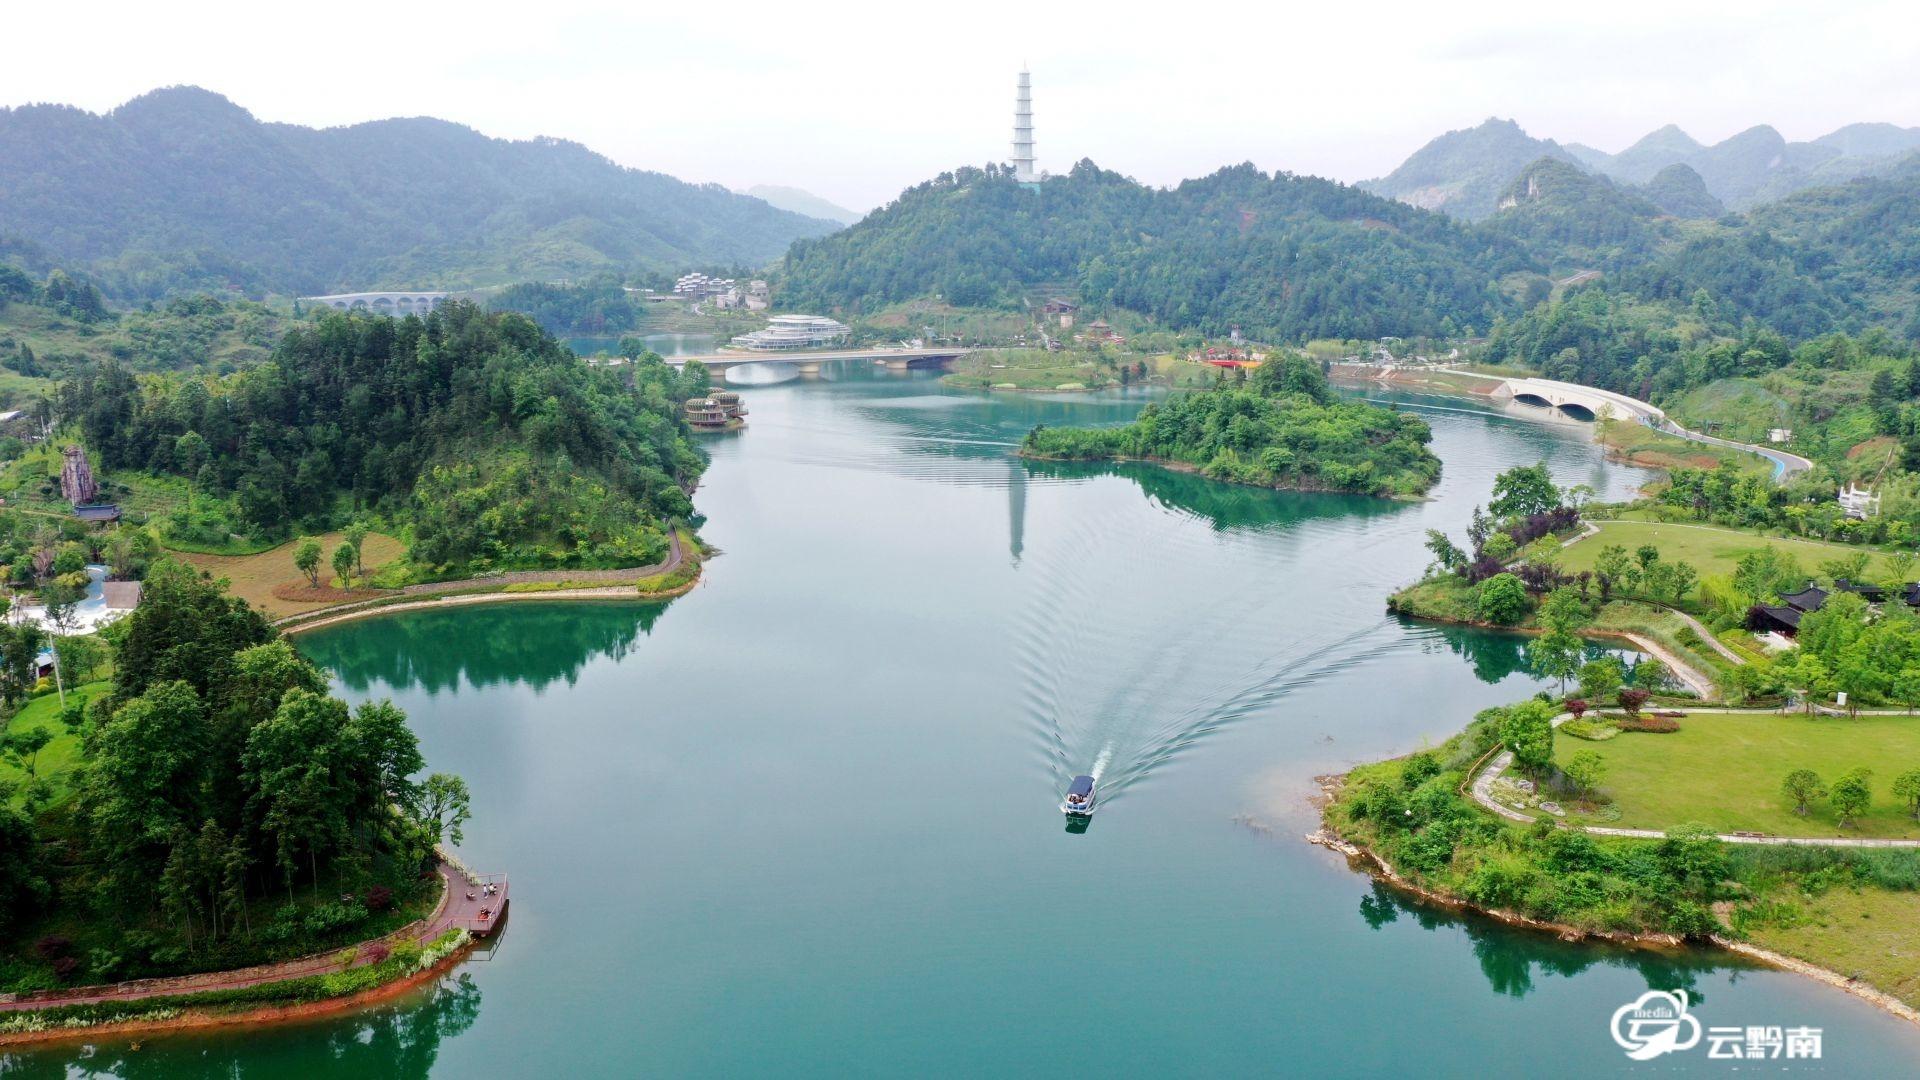 共植青山护绿水——黔南生态文明建设工作掠影